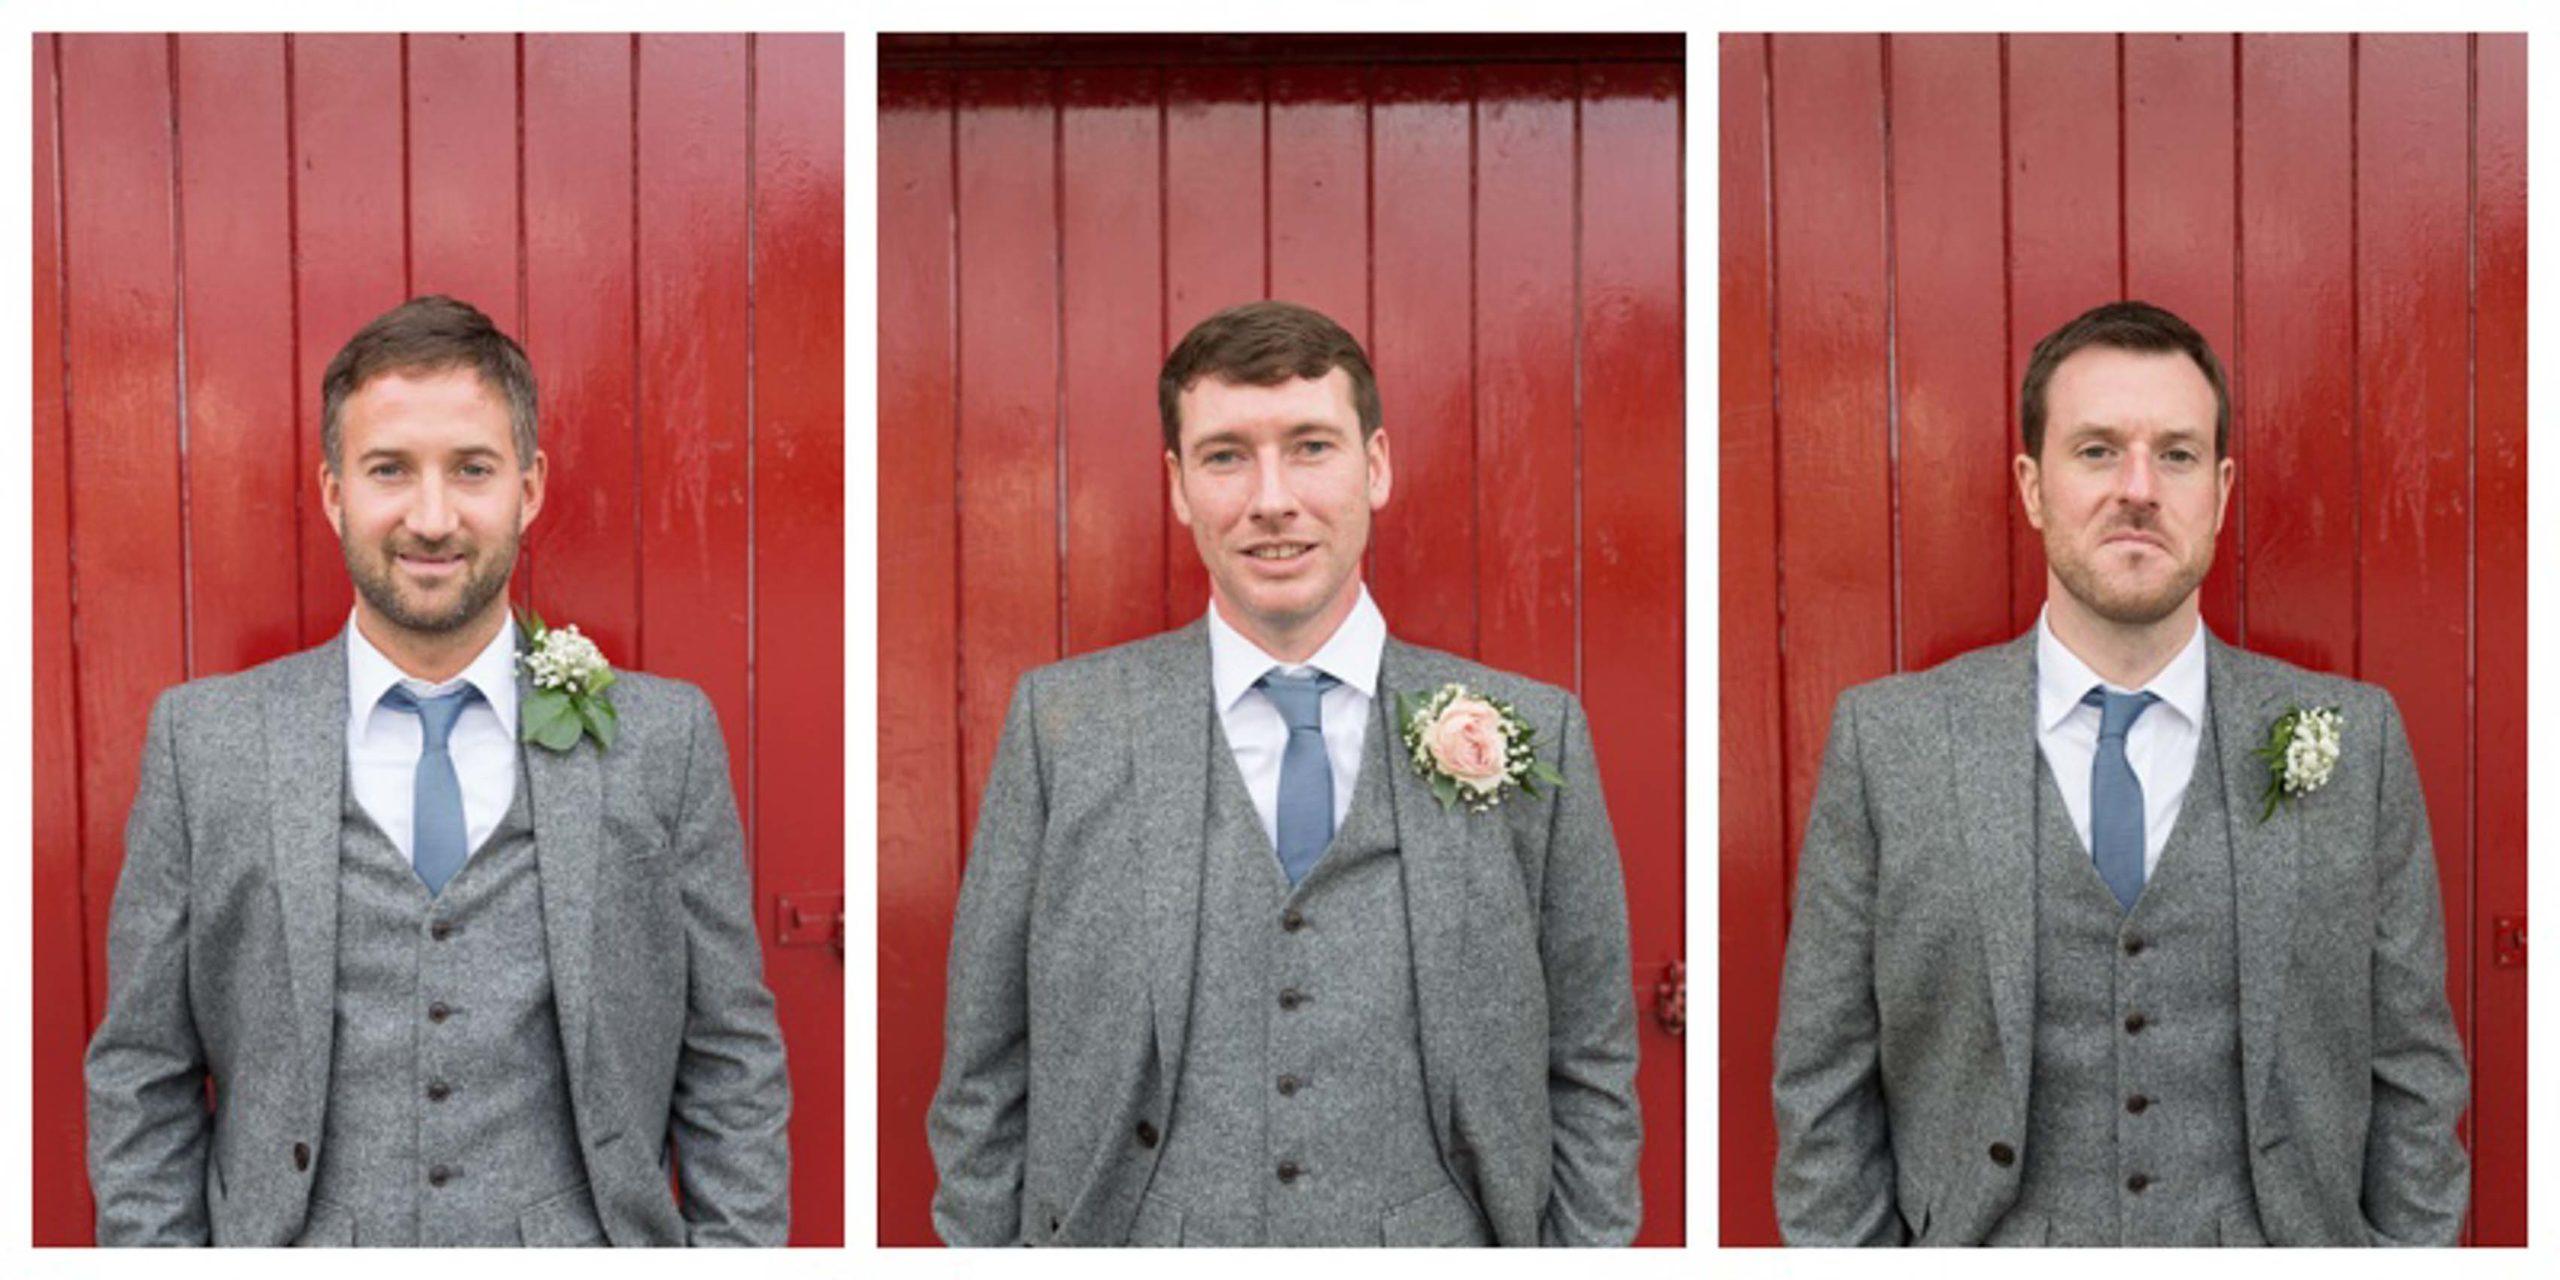 Larchfield Estate Wedding Photography by Ricky Parker Photography 49